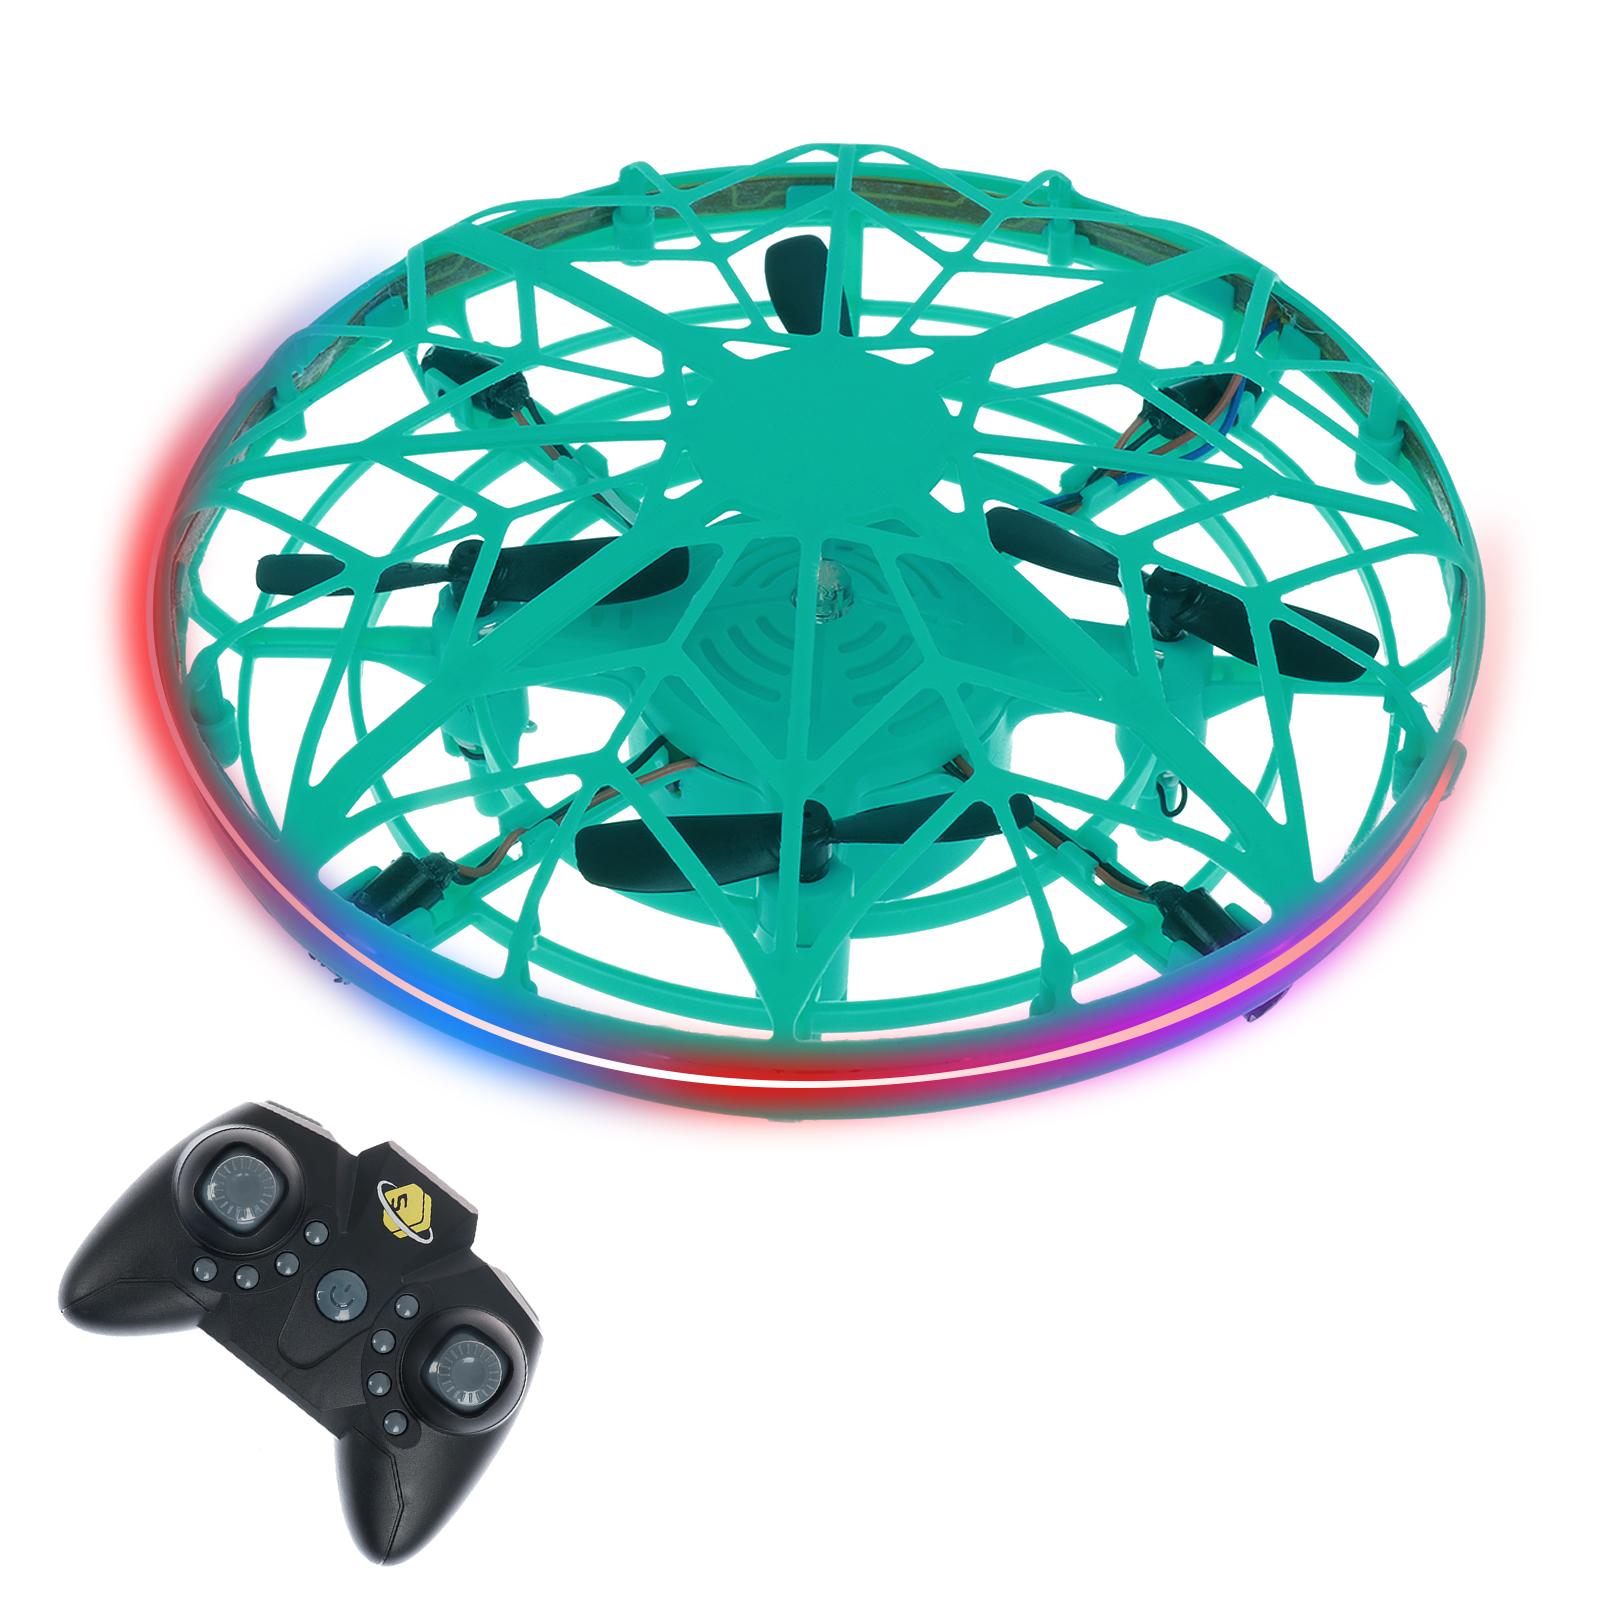 KINY Mini Drone, Đồ Chơi Bay Đồ Chơi LED Tay Hoạt Động Bay Không Người Lái Cho Trẻ Em Người Lớn Máy Bay Không Người Lái Mini Rảnh Tay Quà Tặng Nhỏ UFO Đồ Chơi Bóng Bay Đồ Chơi Máy Bay Không Người Lái Xoay 360 Độ Và Điều Khiển Từ Xa